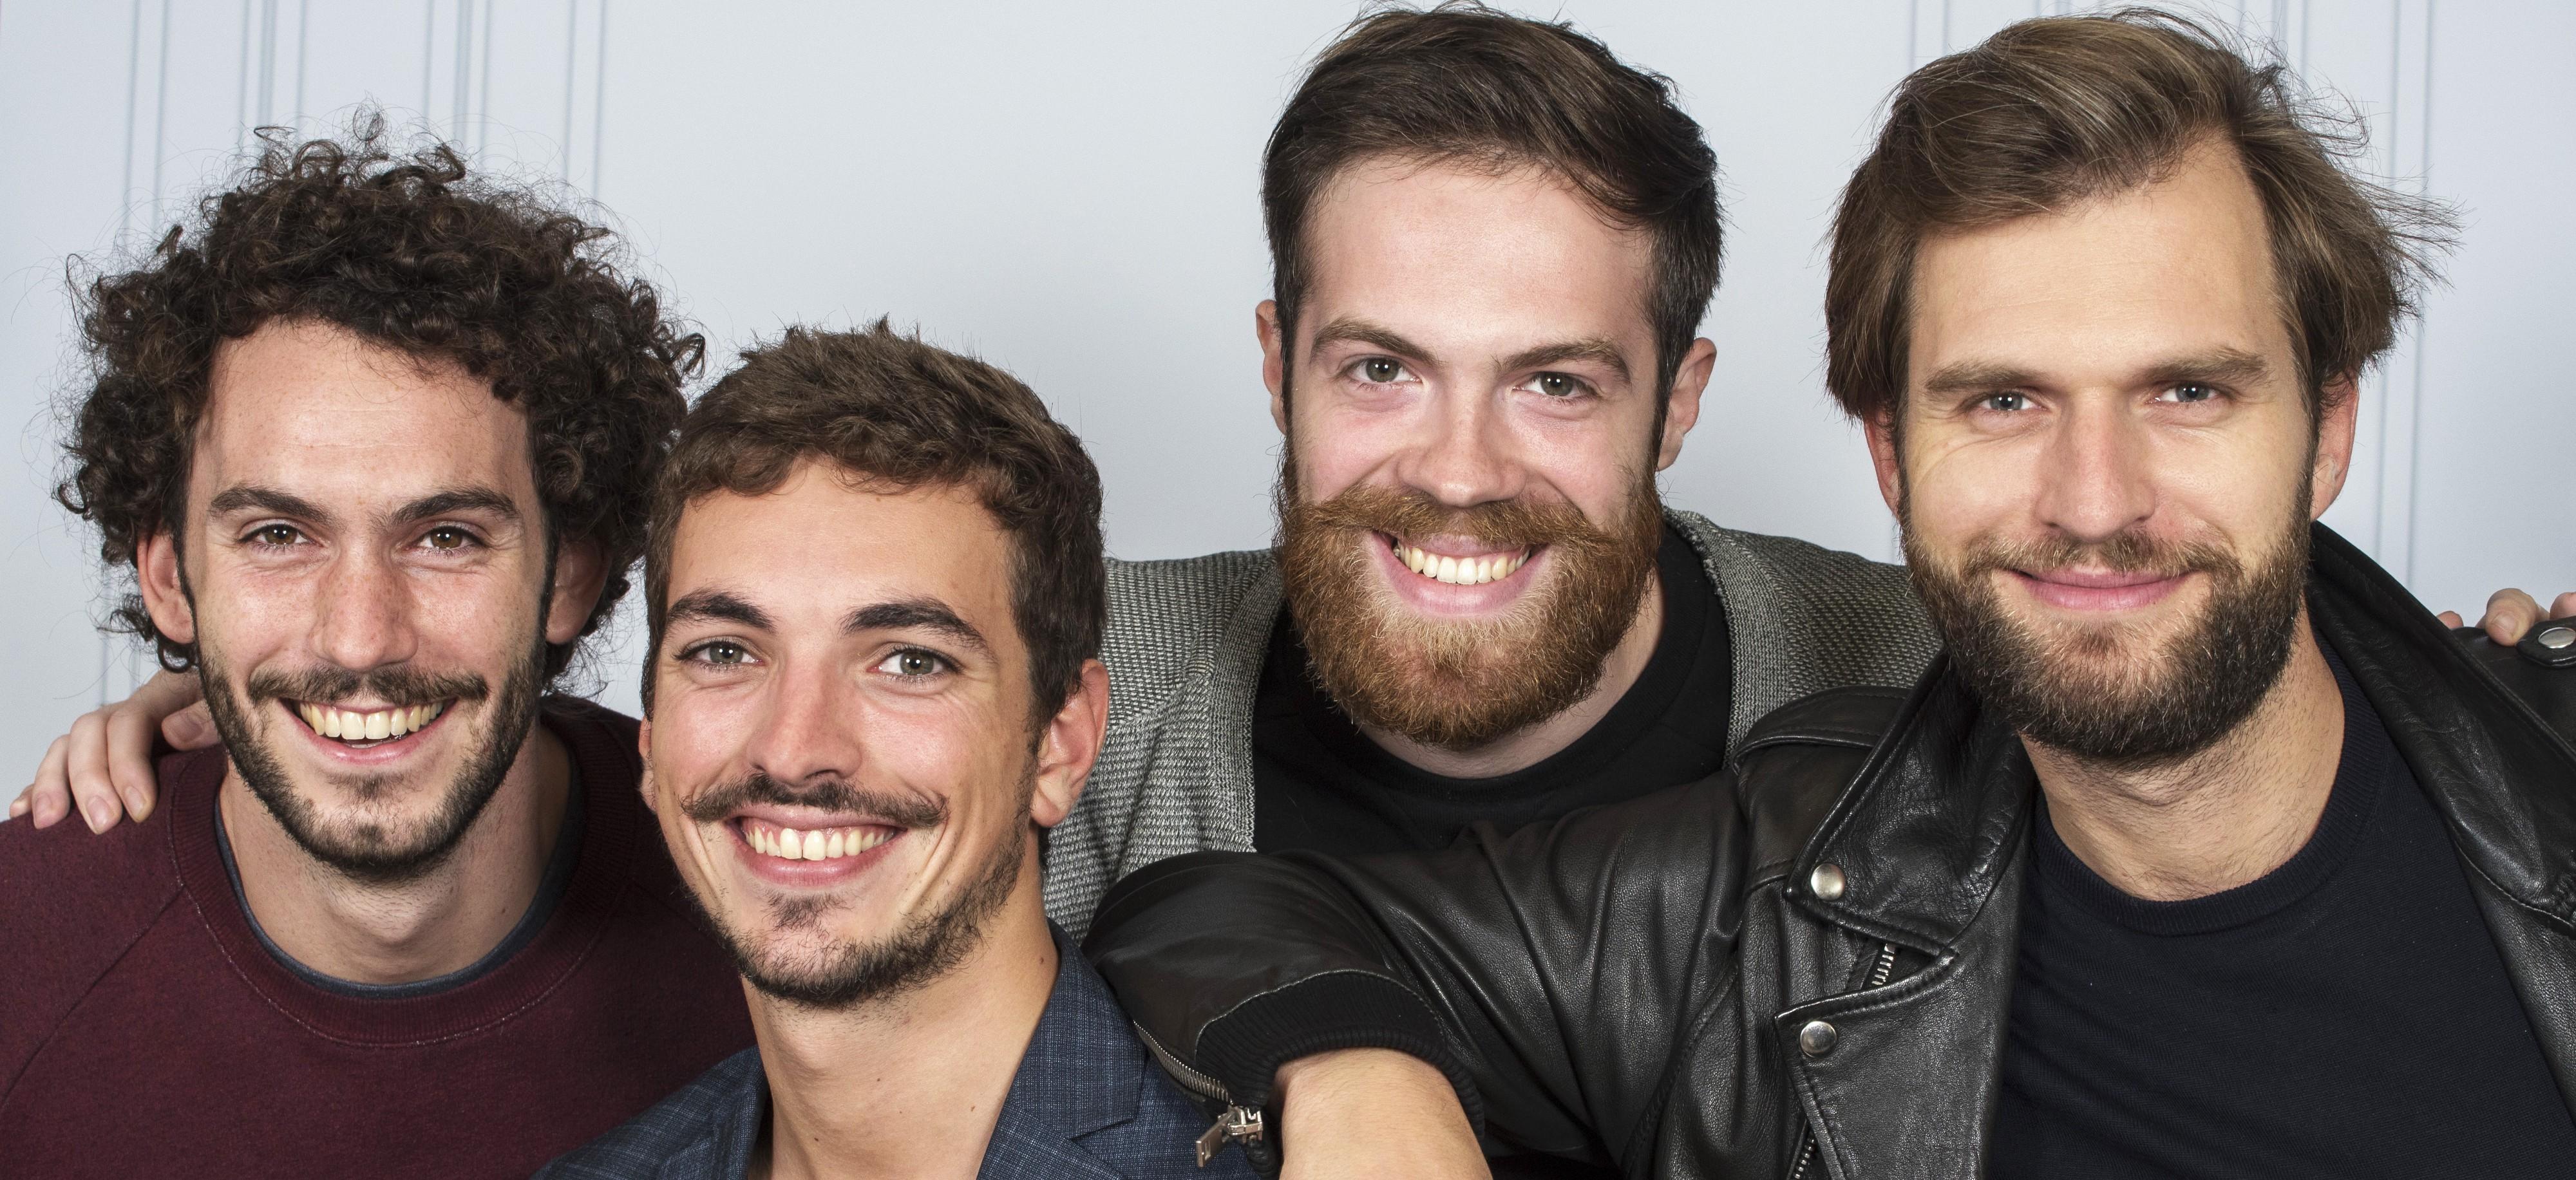 Мужчины по всему миру объявляют ноябрь месяцем без бритья